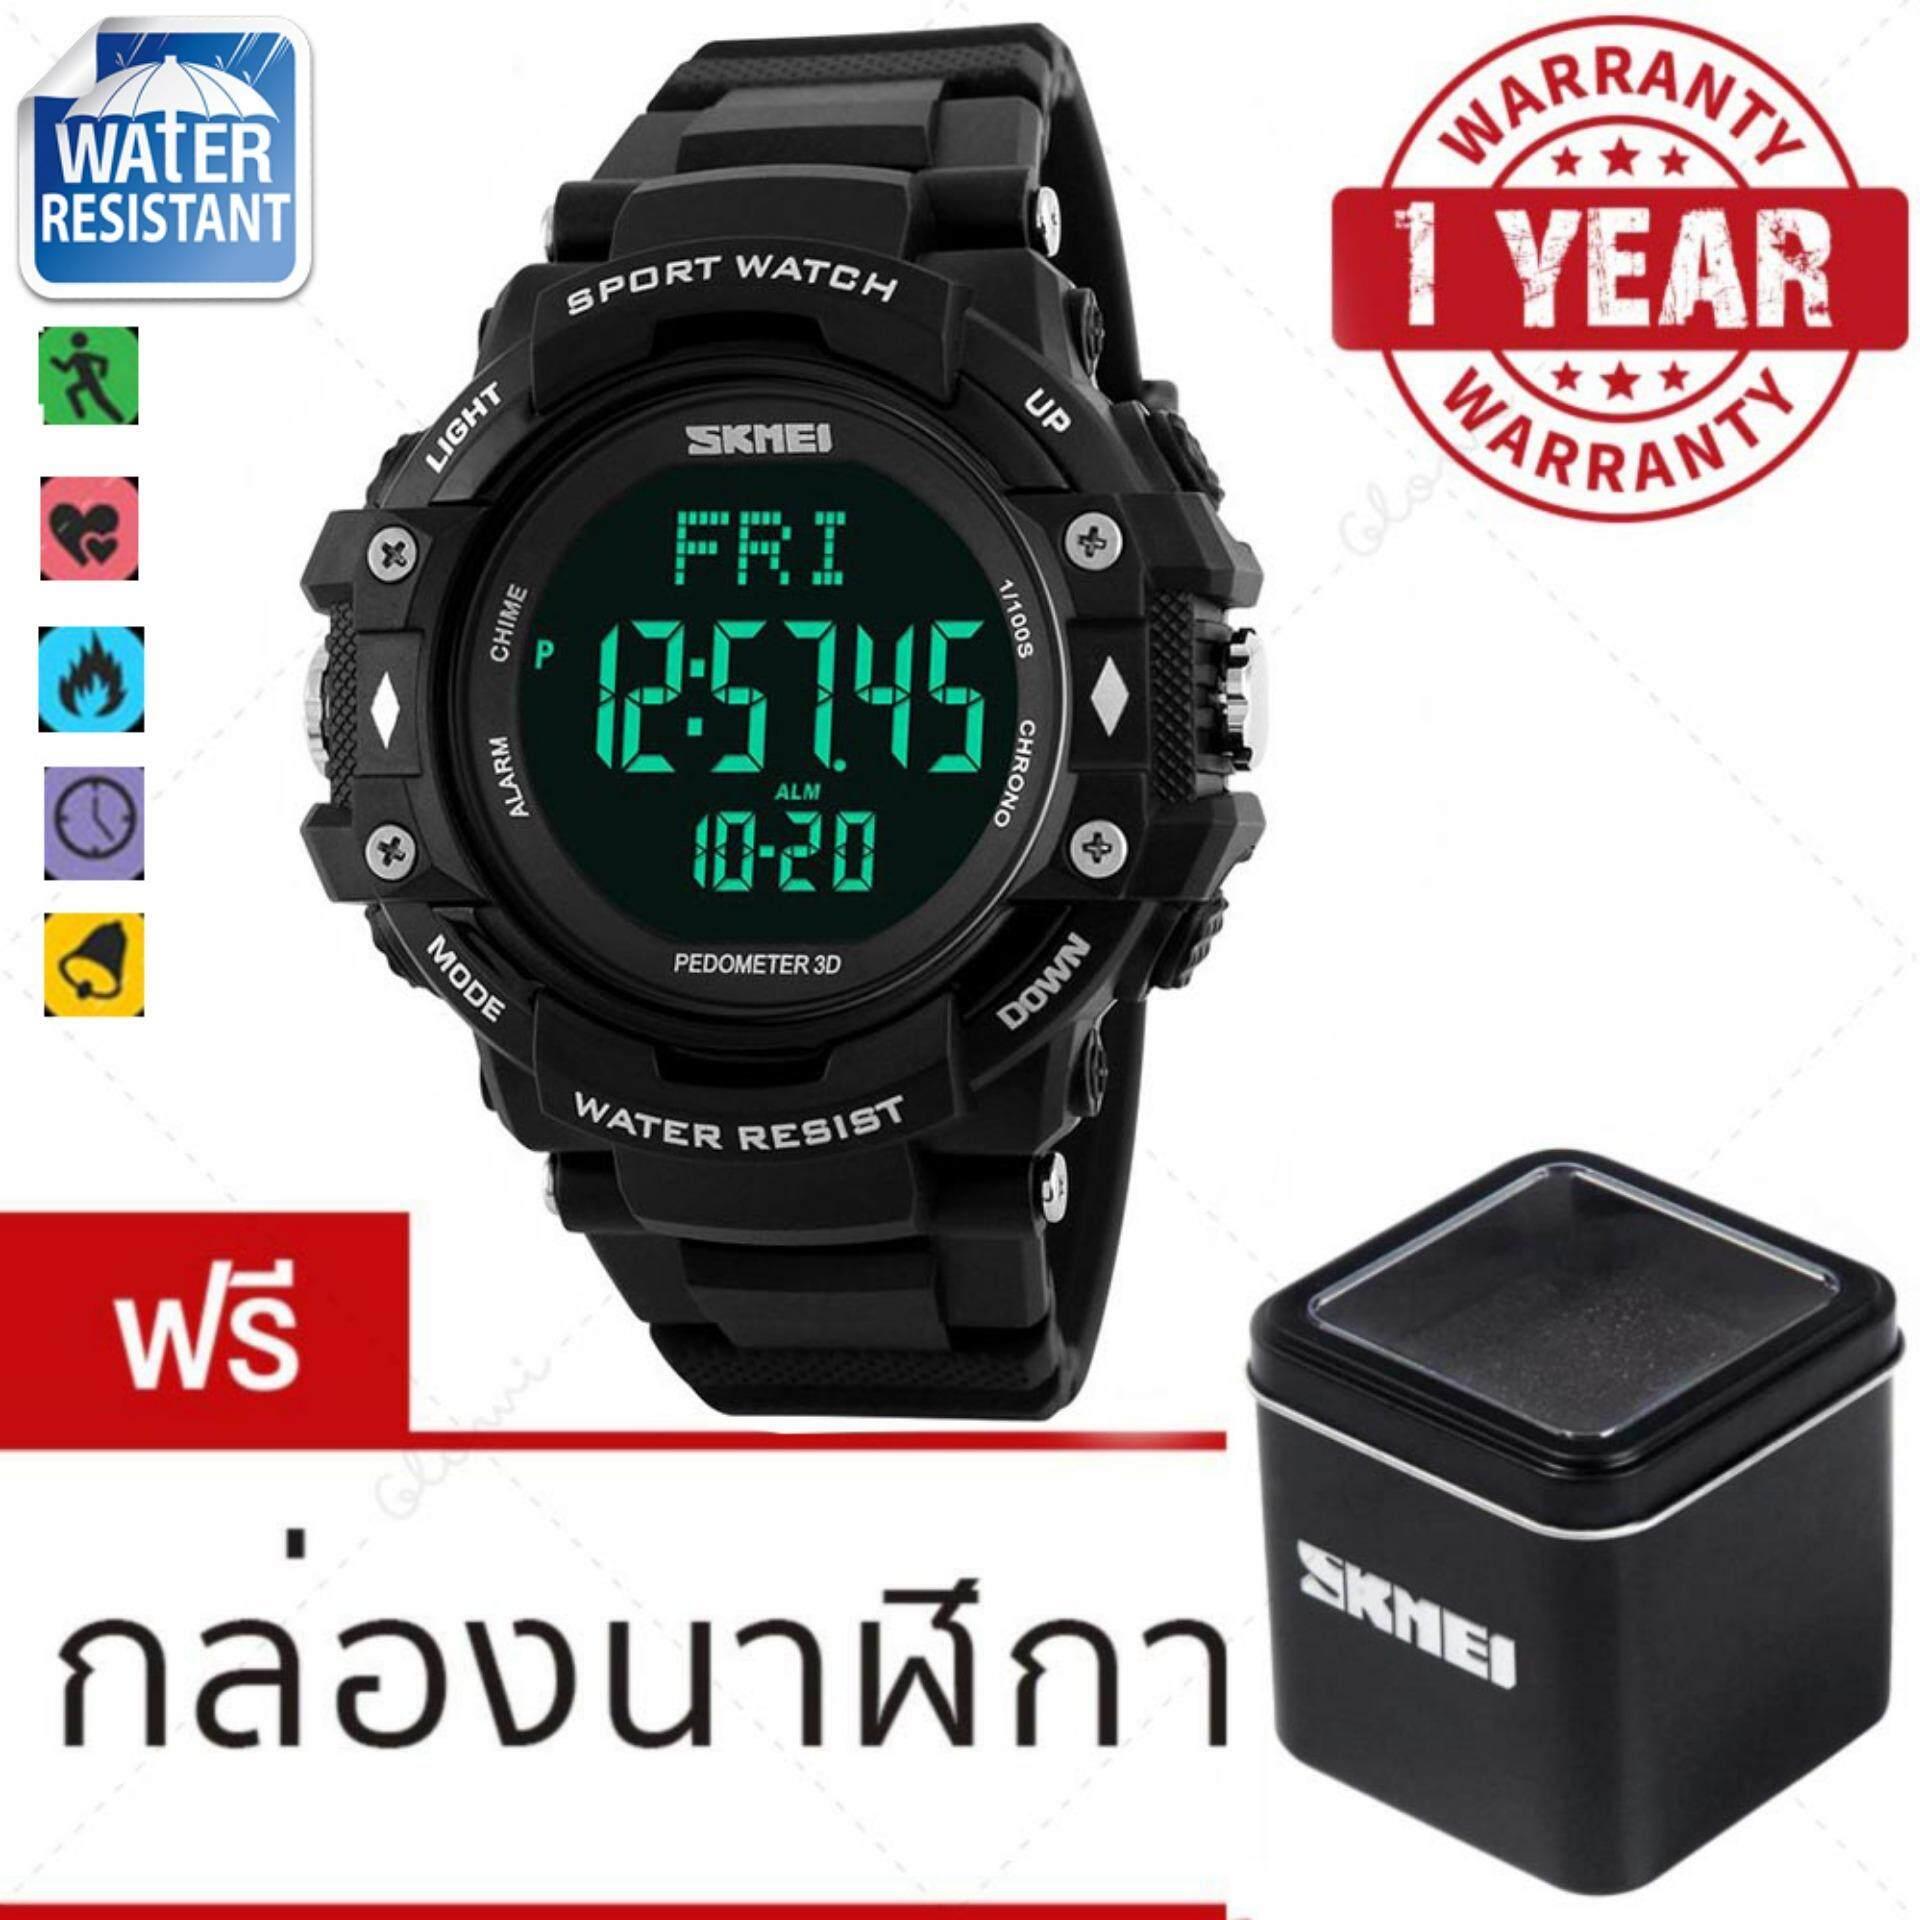 ราคา รับประกัน 1 ปี ของแท้แน่นอน Skmei นาฬิกาข้อมือผู้ชาย สไตล์ Fitness Trackes Sport Digital Smart Watch วัดก้าวเดิน วัดอัตราการเต้นของหัวใจ วัดแคลอรี่ จับเวลา นาฬิกาปลุก ใช้งานได้จริง Ledส่องสว่าง สายเรซิ่นสีดำ รุ่น Sk 1180 ถูก